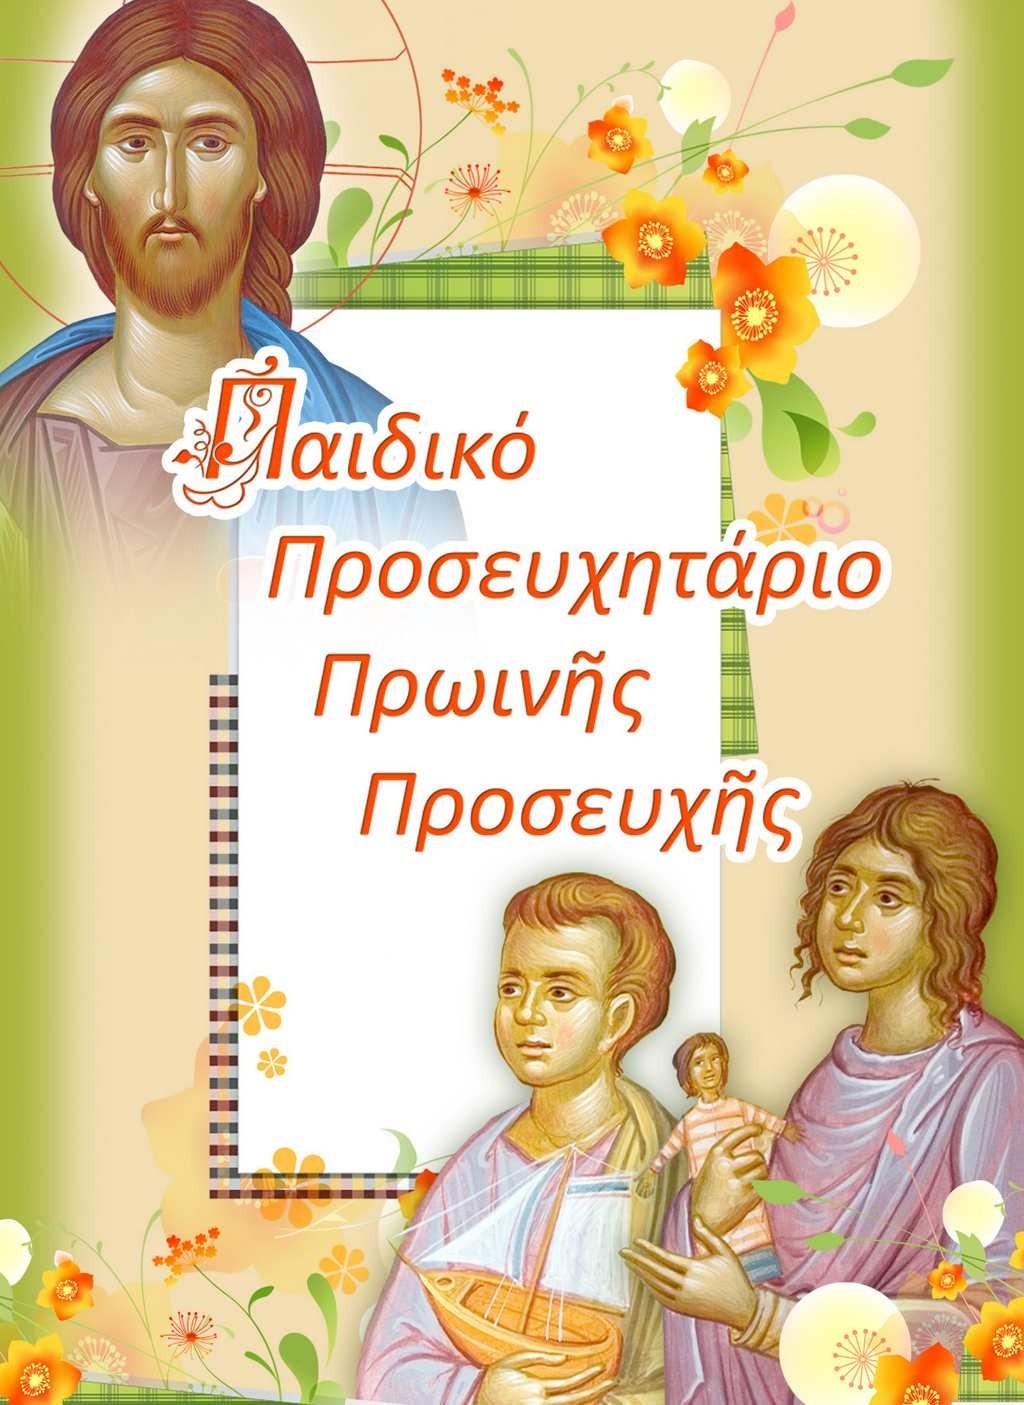 Προσευχητάρια ΠΑΙΔΙΚΟ ΠΡΟΣΕΥΧΗΤΑΡΙΟ ΠΡΩΙΝΗΣ ΠΡΟΣΕΥΧΗΣ